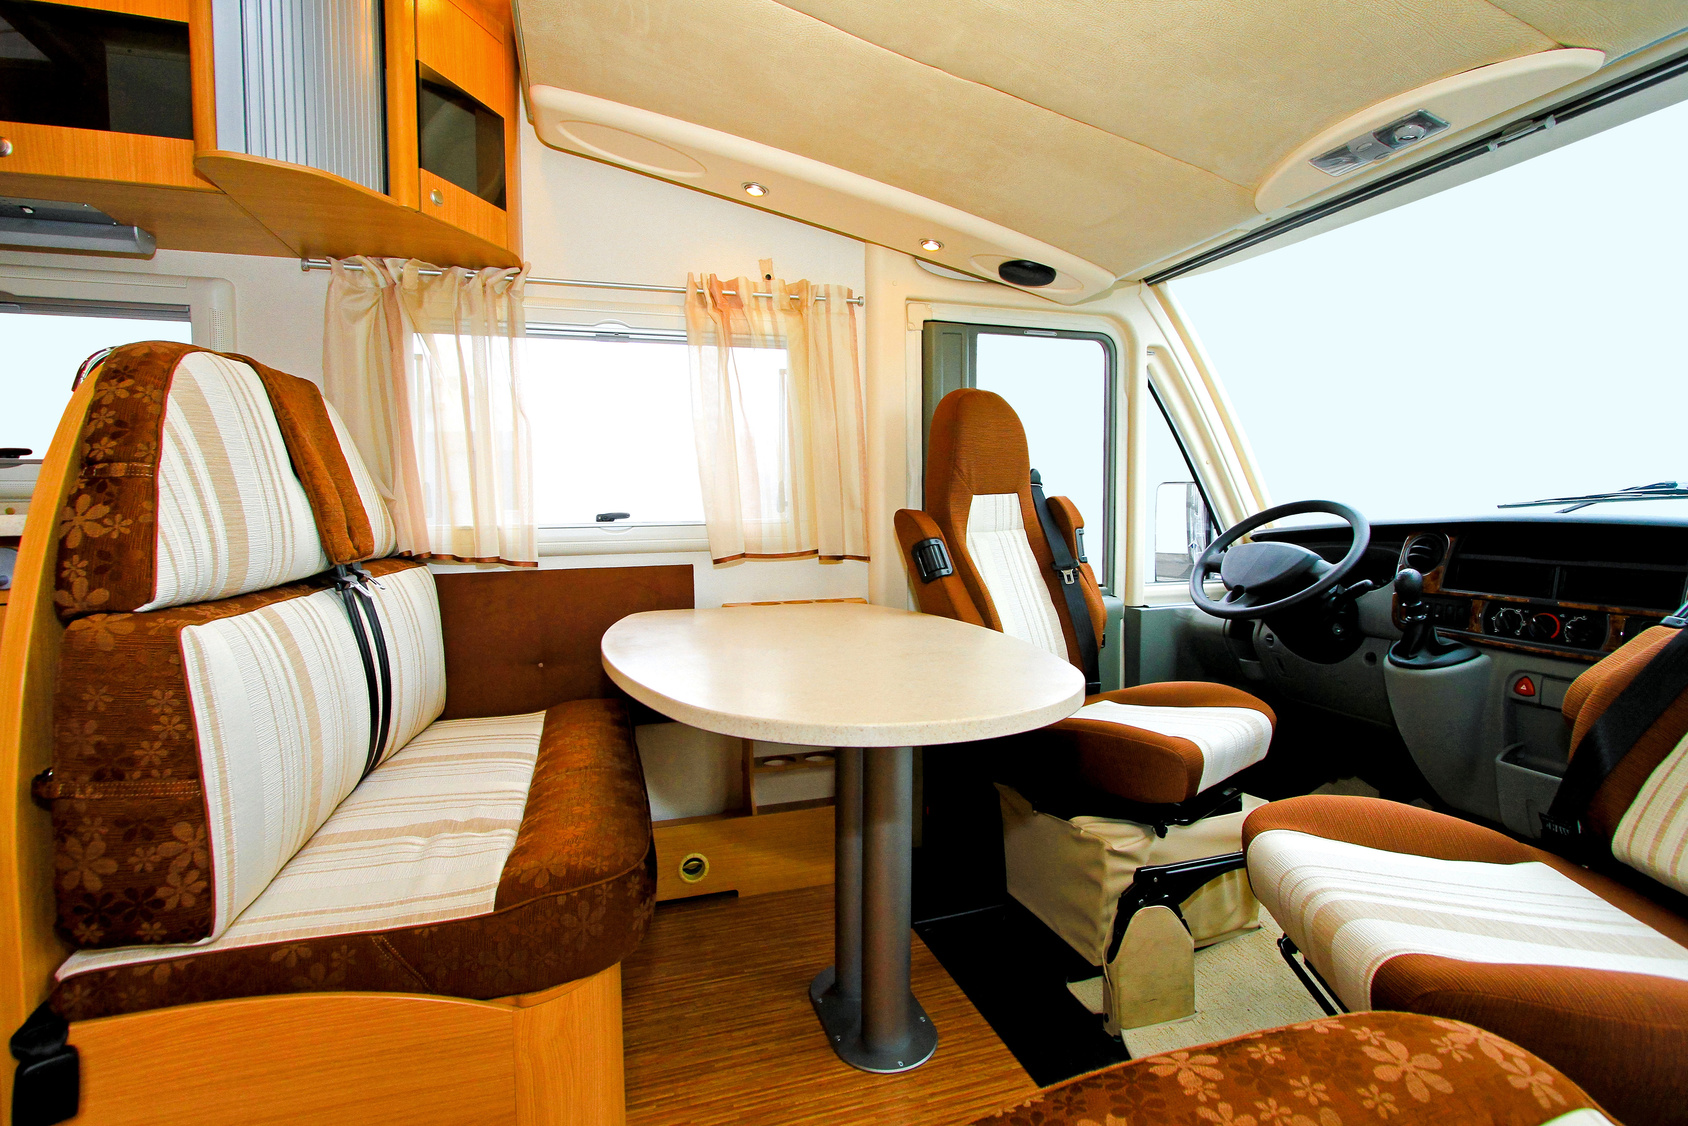 Tapizado interiores de caravanas - Interiores de caravanas ...